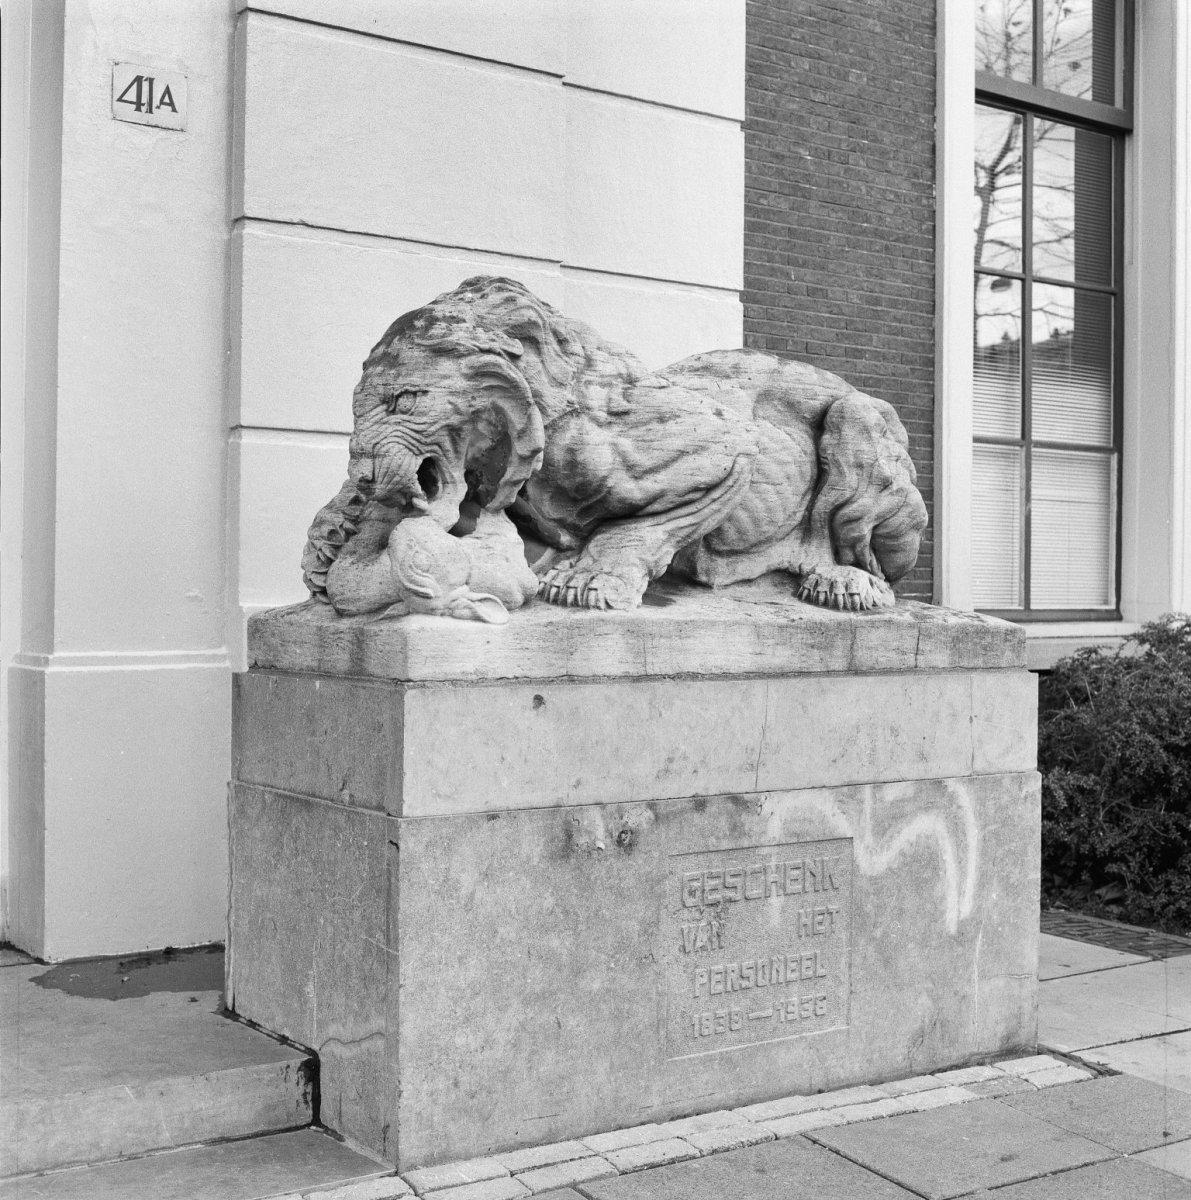 Bestand beeld van een tijger rechts naast de ingang van het hoofdgebouw van artis amsterdam - Beeld het meisje van ...